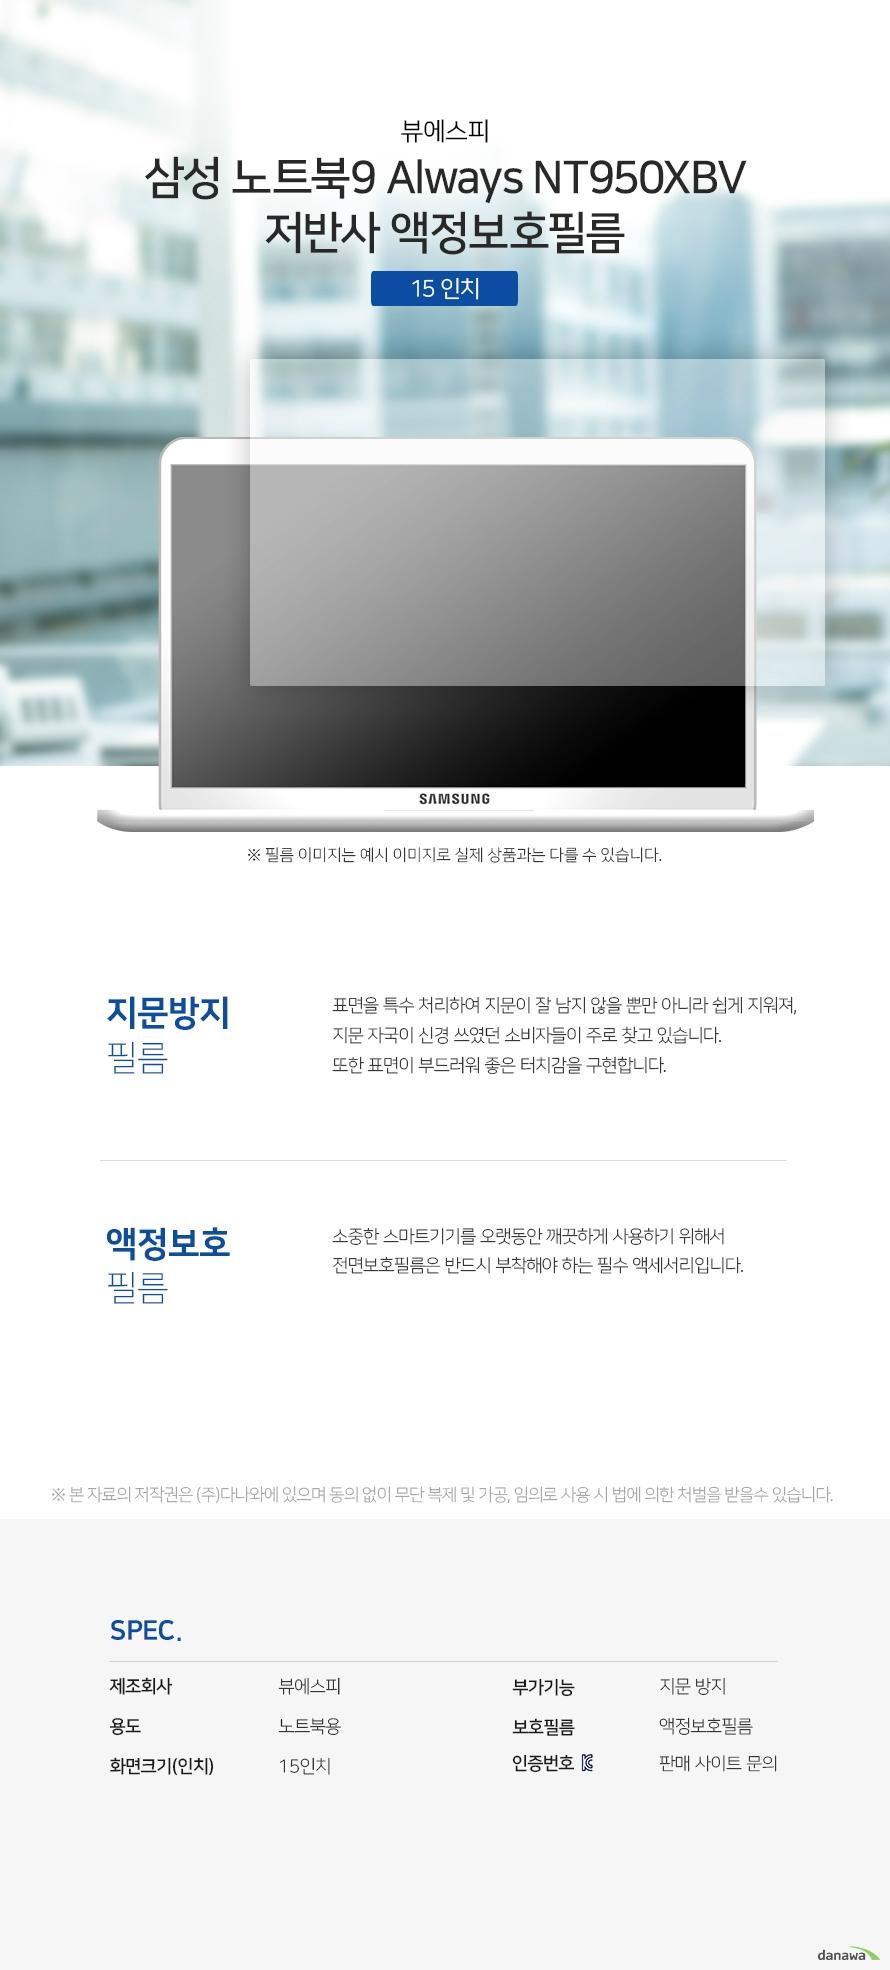 뷰에스피 삼성 노트북9 Always NT950XBV 저반사 액정보호필름 상세 스펙 액정보호용품 / 노트북용 / 액정보호필름 / 15인치 / 지문방지